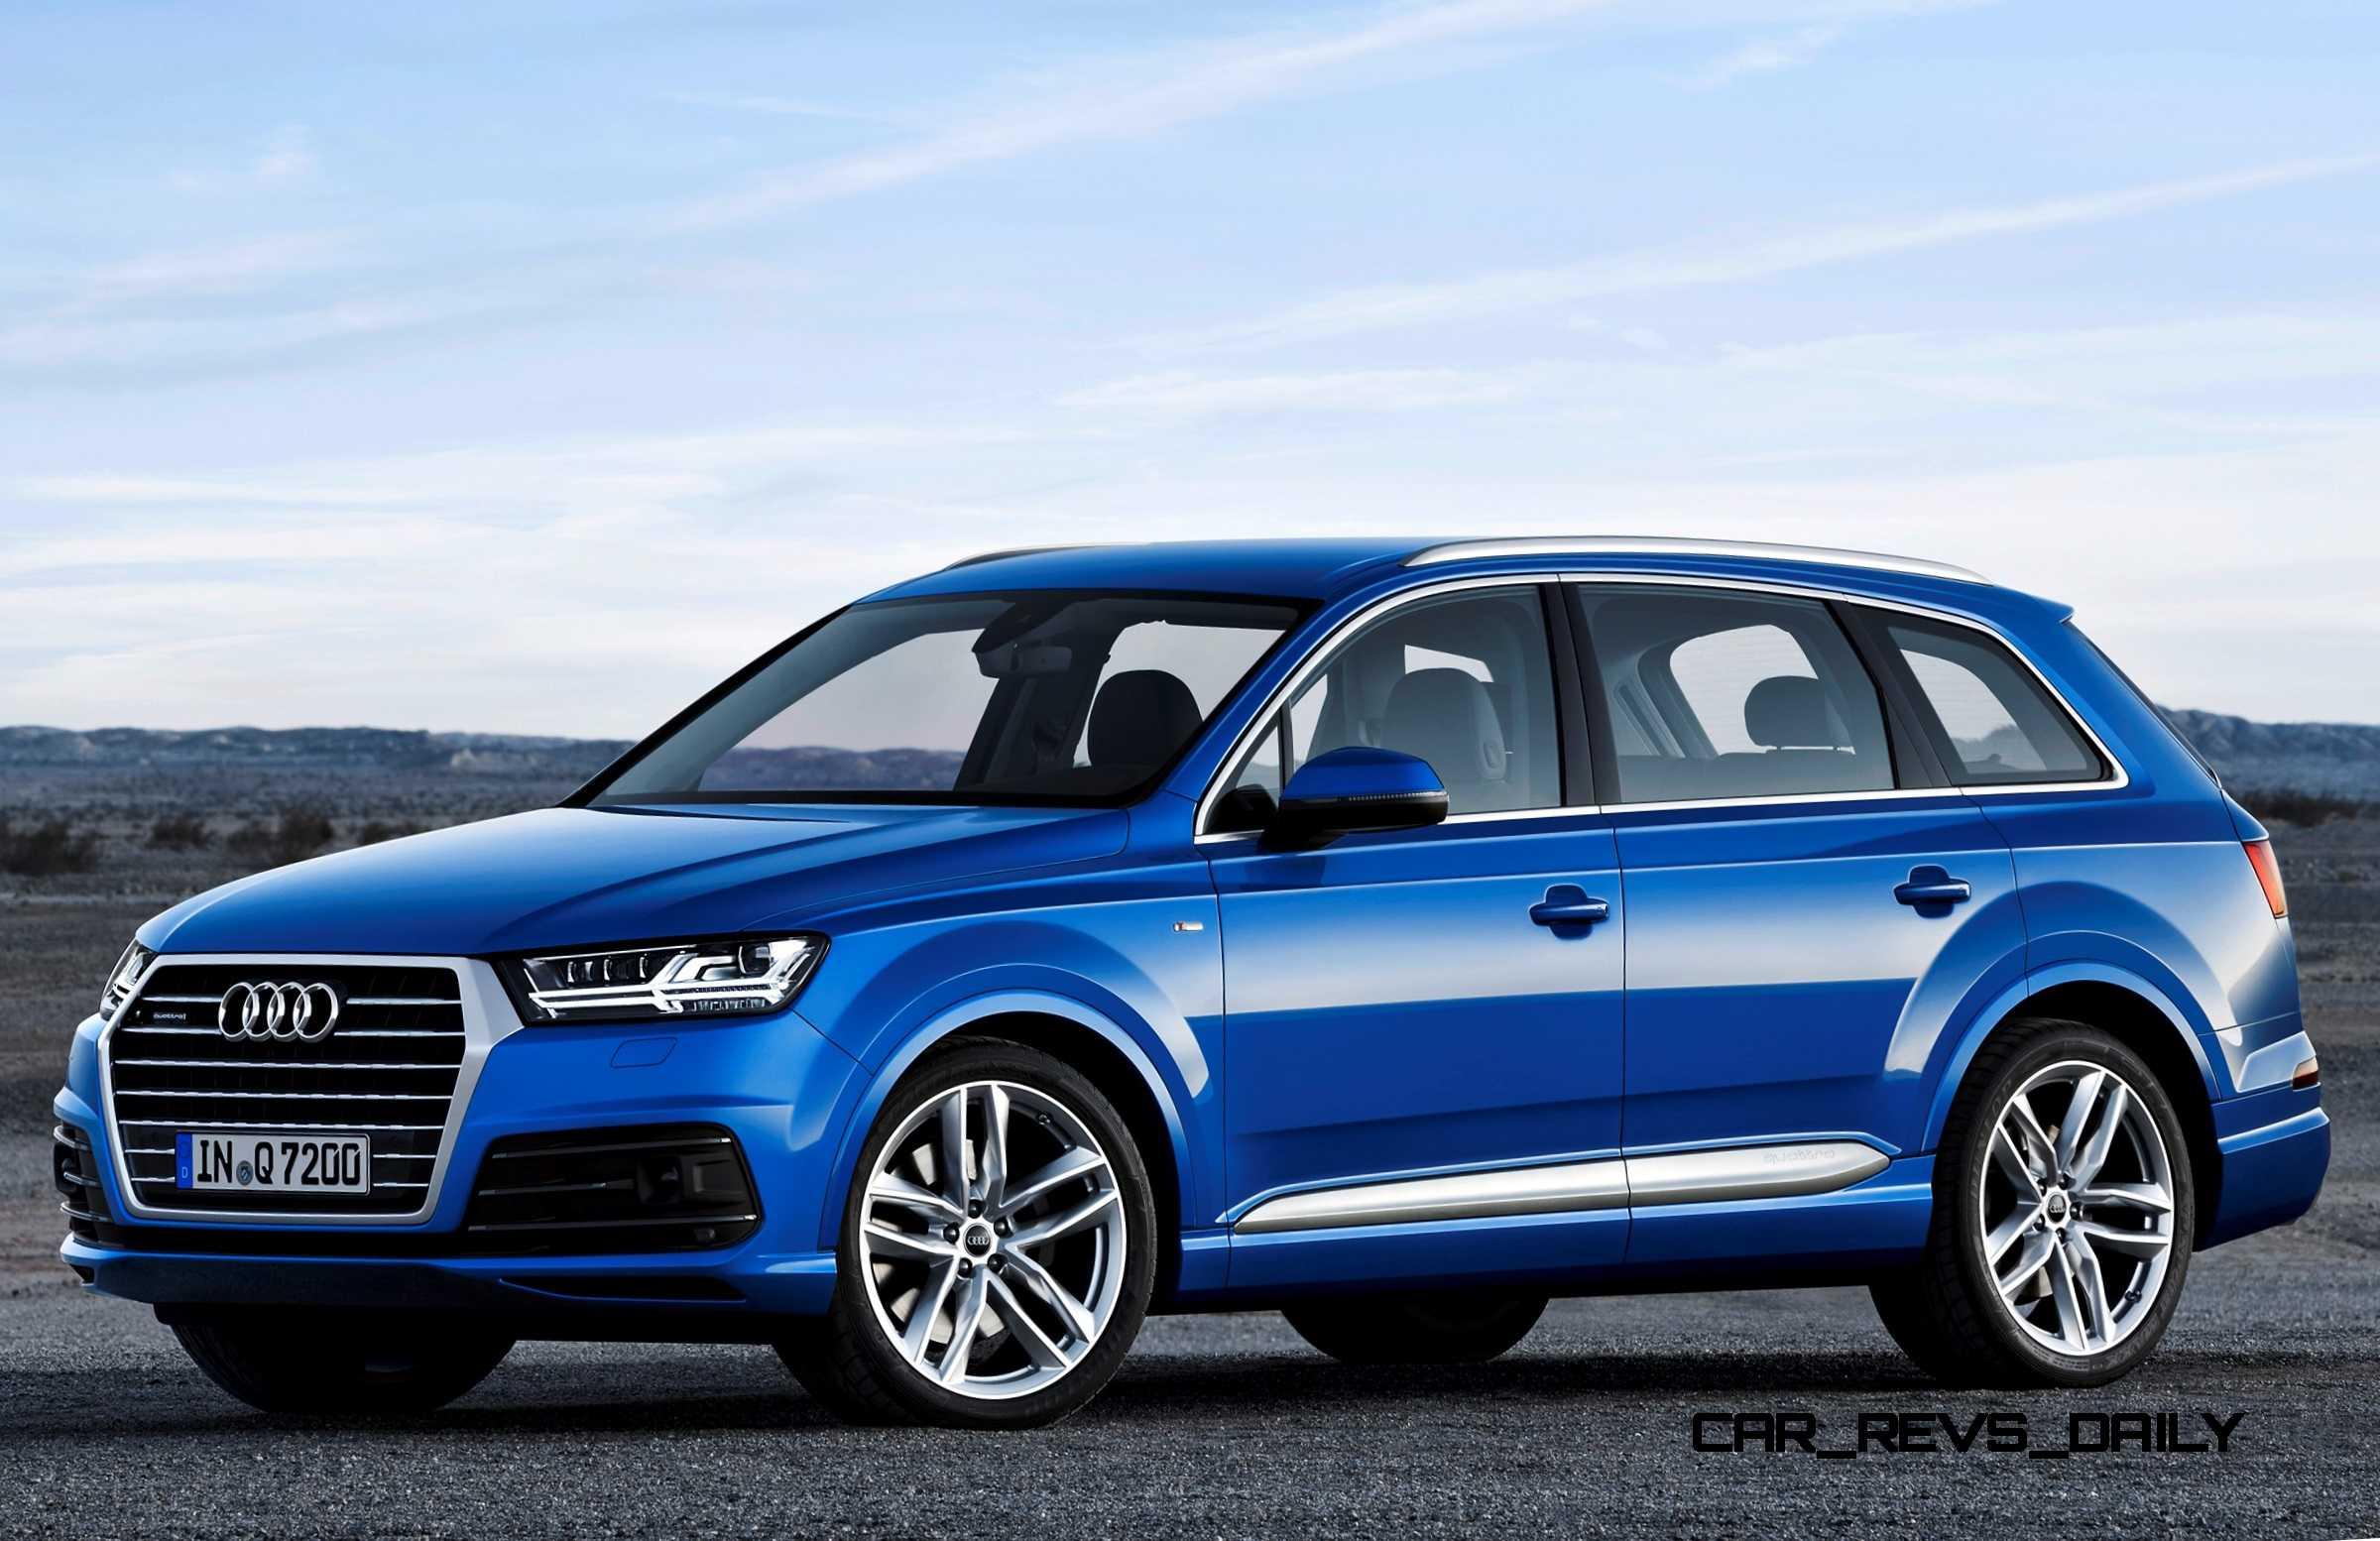 Audi A3 Sportback etron  Audi UK